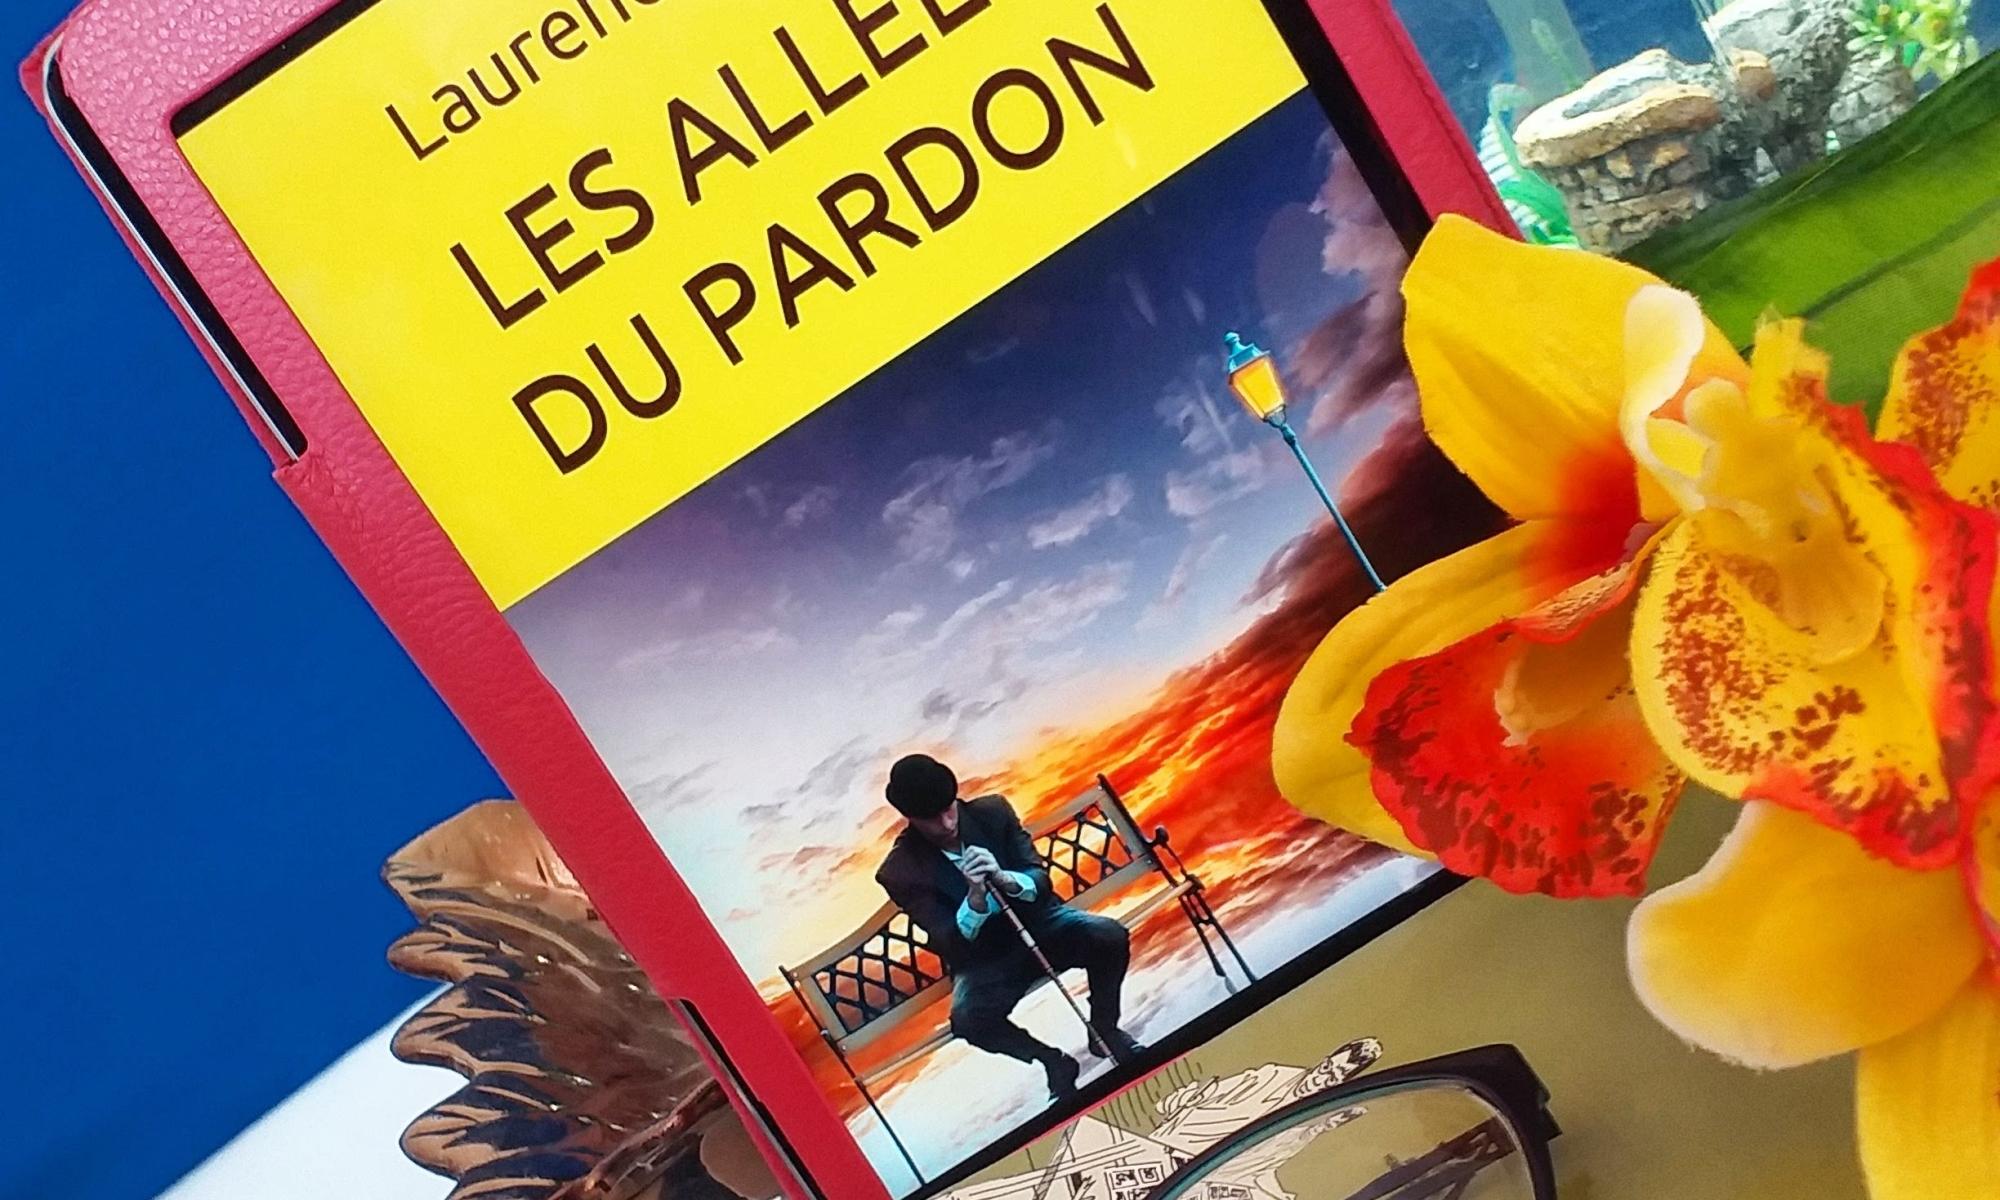 LES ALLÉES DU PARDON - Laurence Labbé